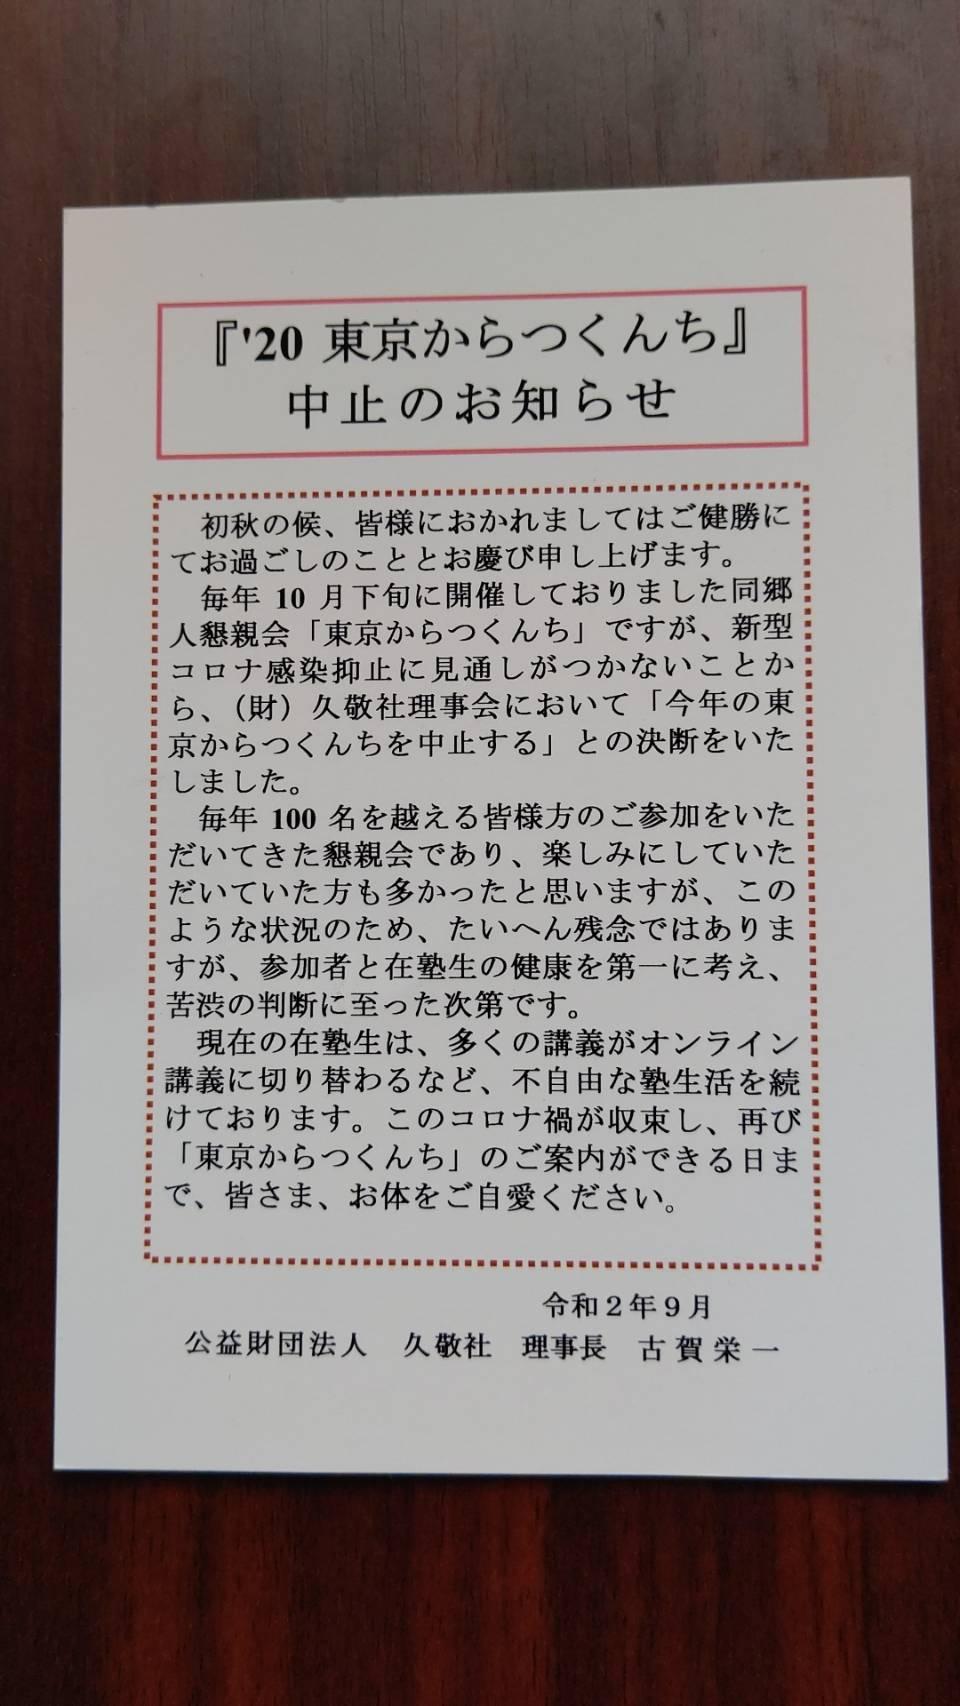 今年の同郷人懇親会(東京からつくんち)は中止します